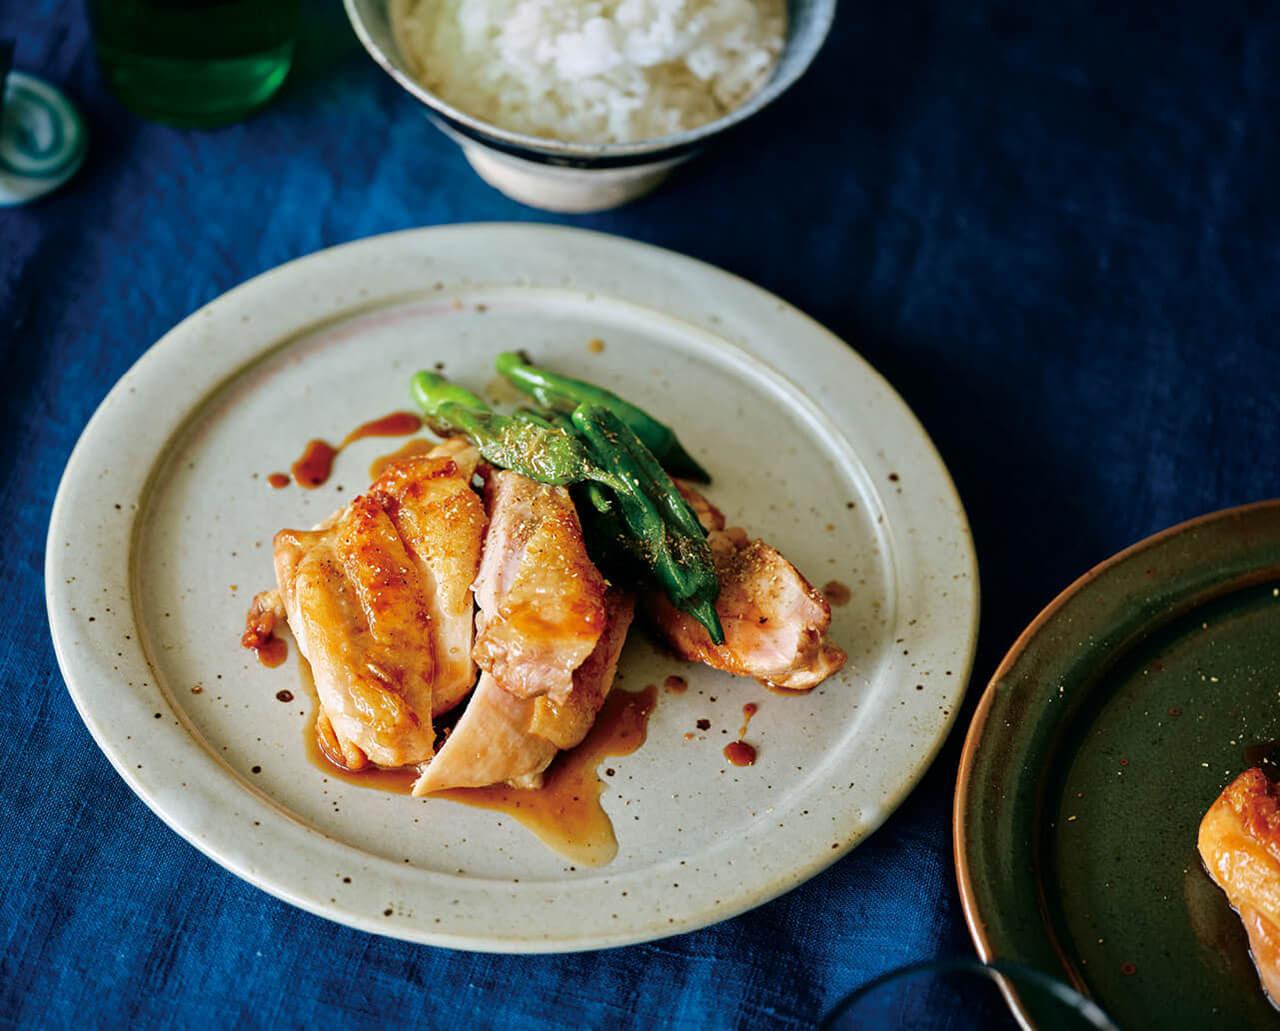 「鶏の照り焼き」レシピ/ワタナベマキさん